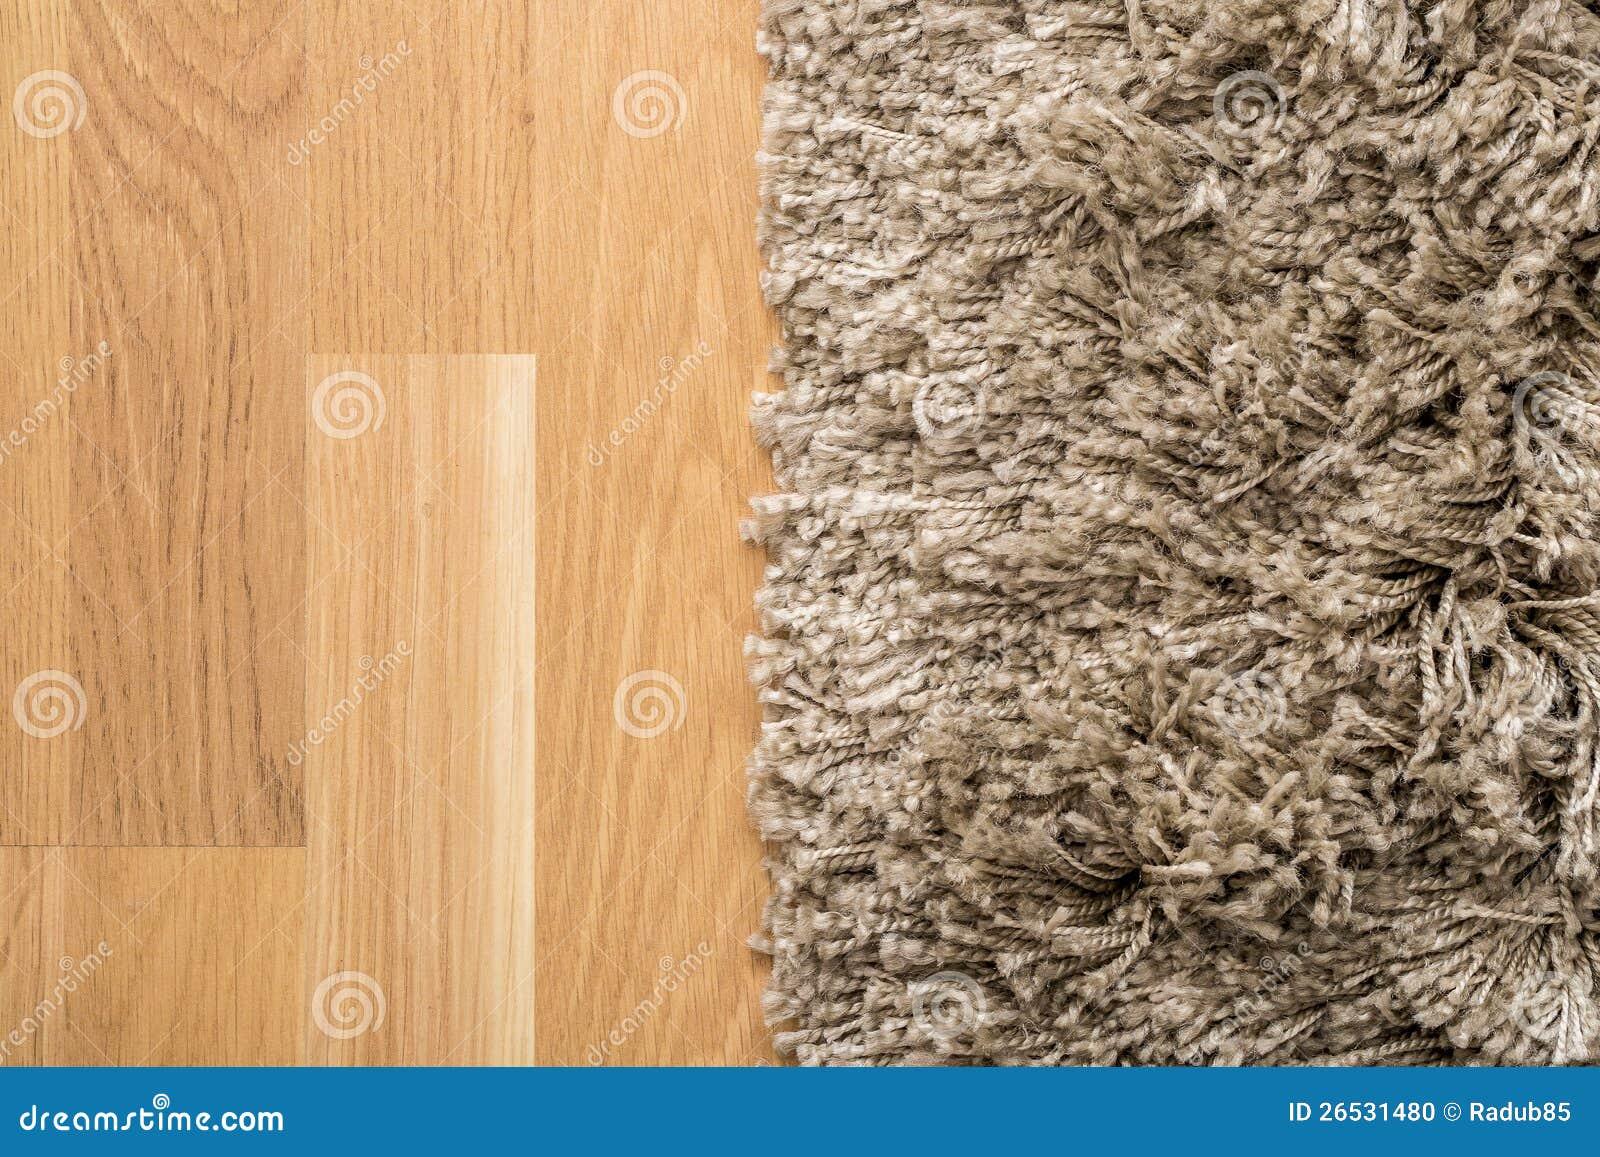 teppich und stunning besten teppich und boden bilder auf pinterest mit fuboden mit with teppich. Black Bedroom Furniture Sets. Home Design Ideas